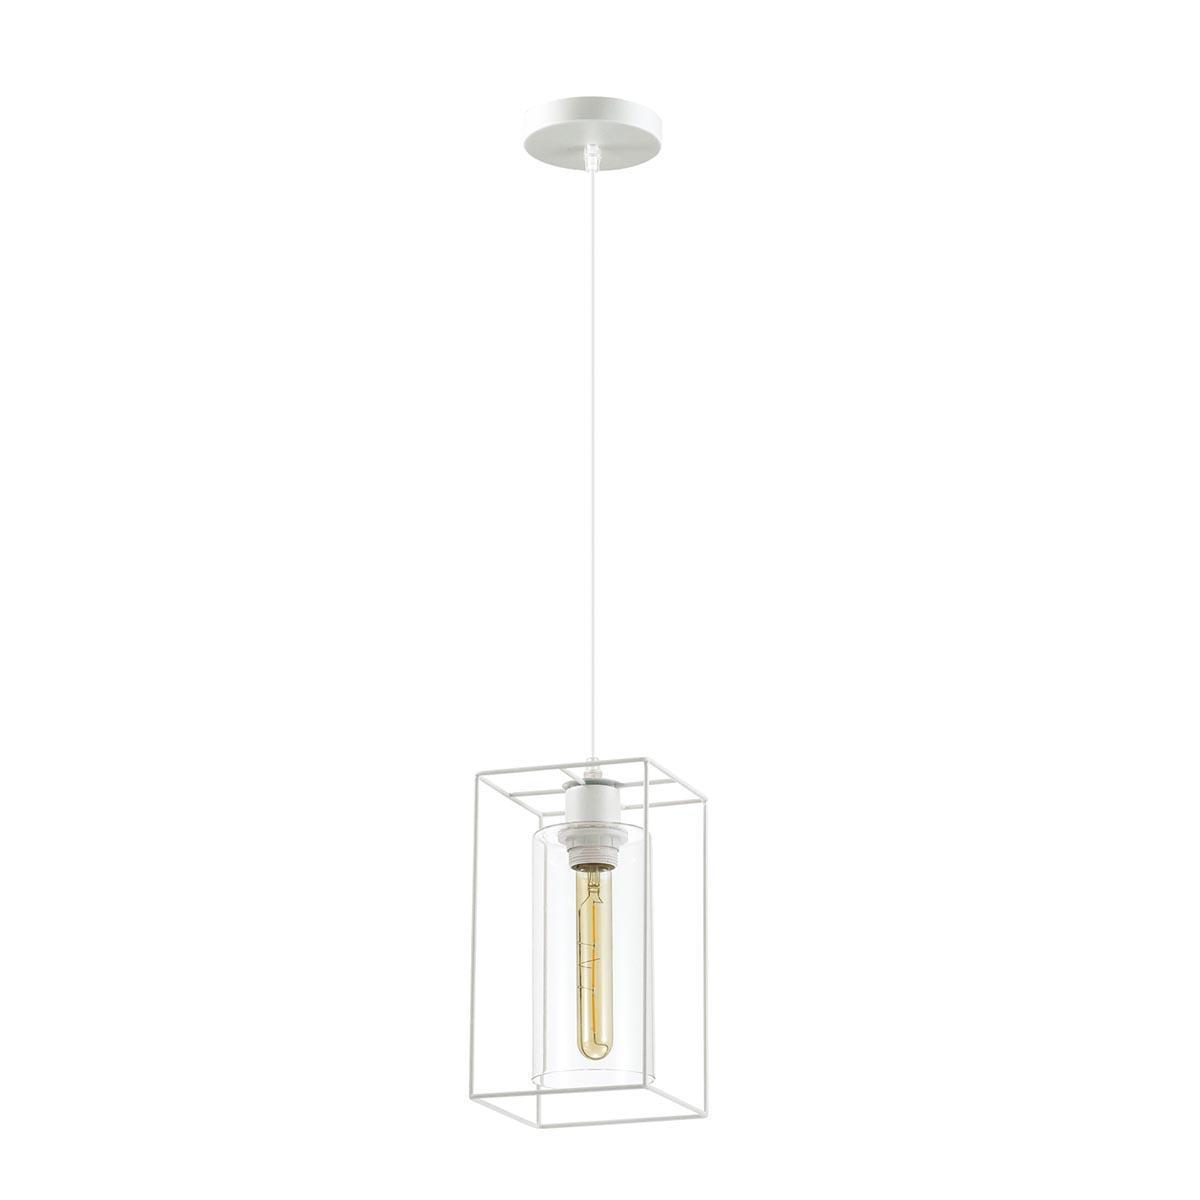 Подвесной светильник Lumion Elliot 3732/1 подвесной светильник lumion 3144 1